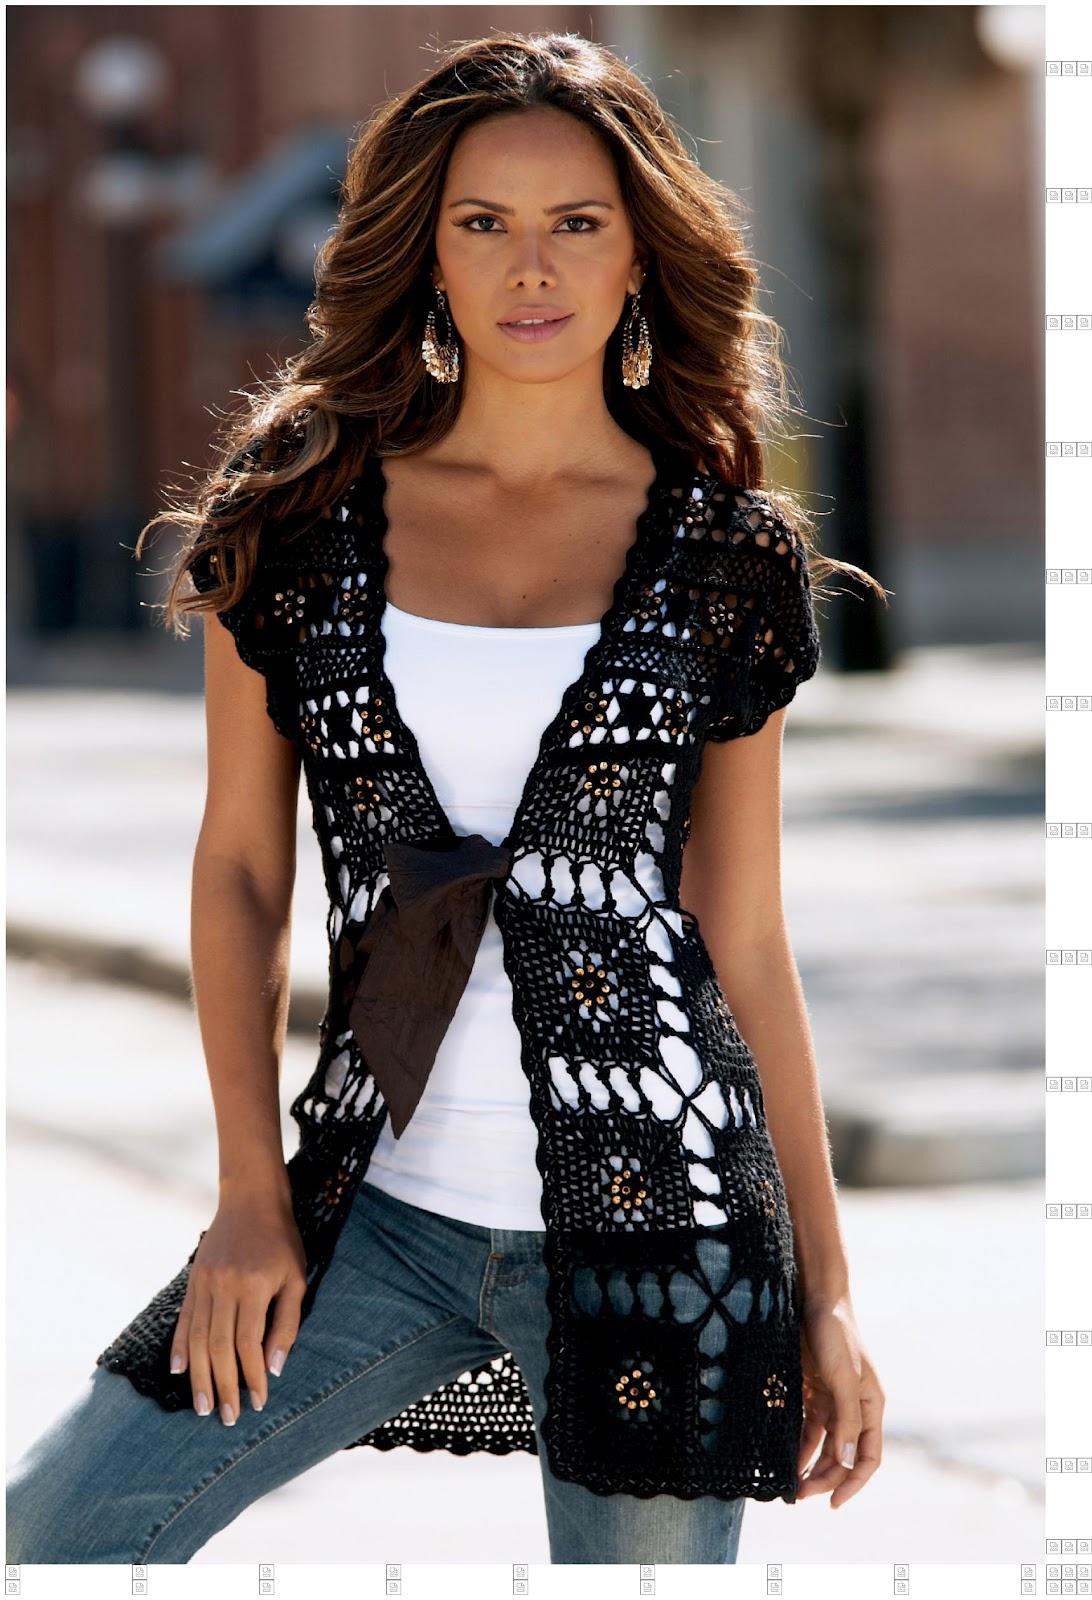 Chaleco-Tunica de Cuadrados de Crochet - Patrones Crochet